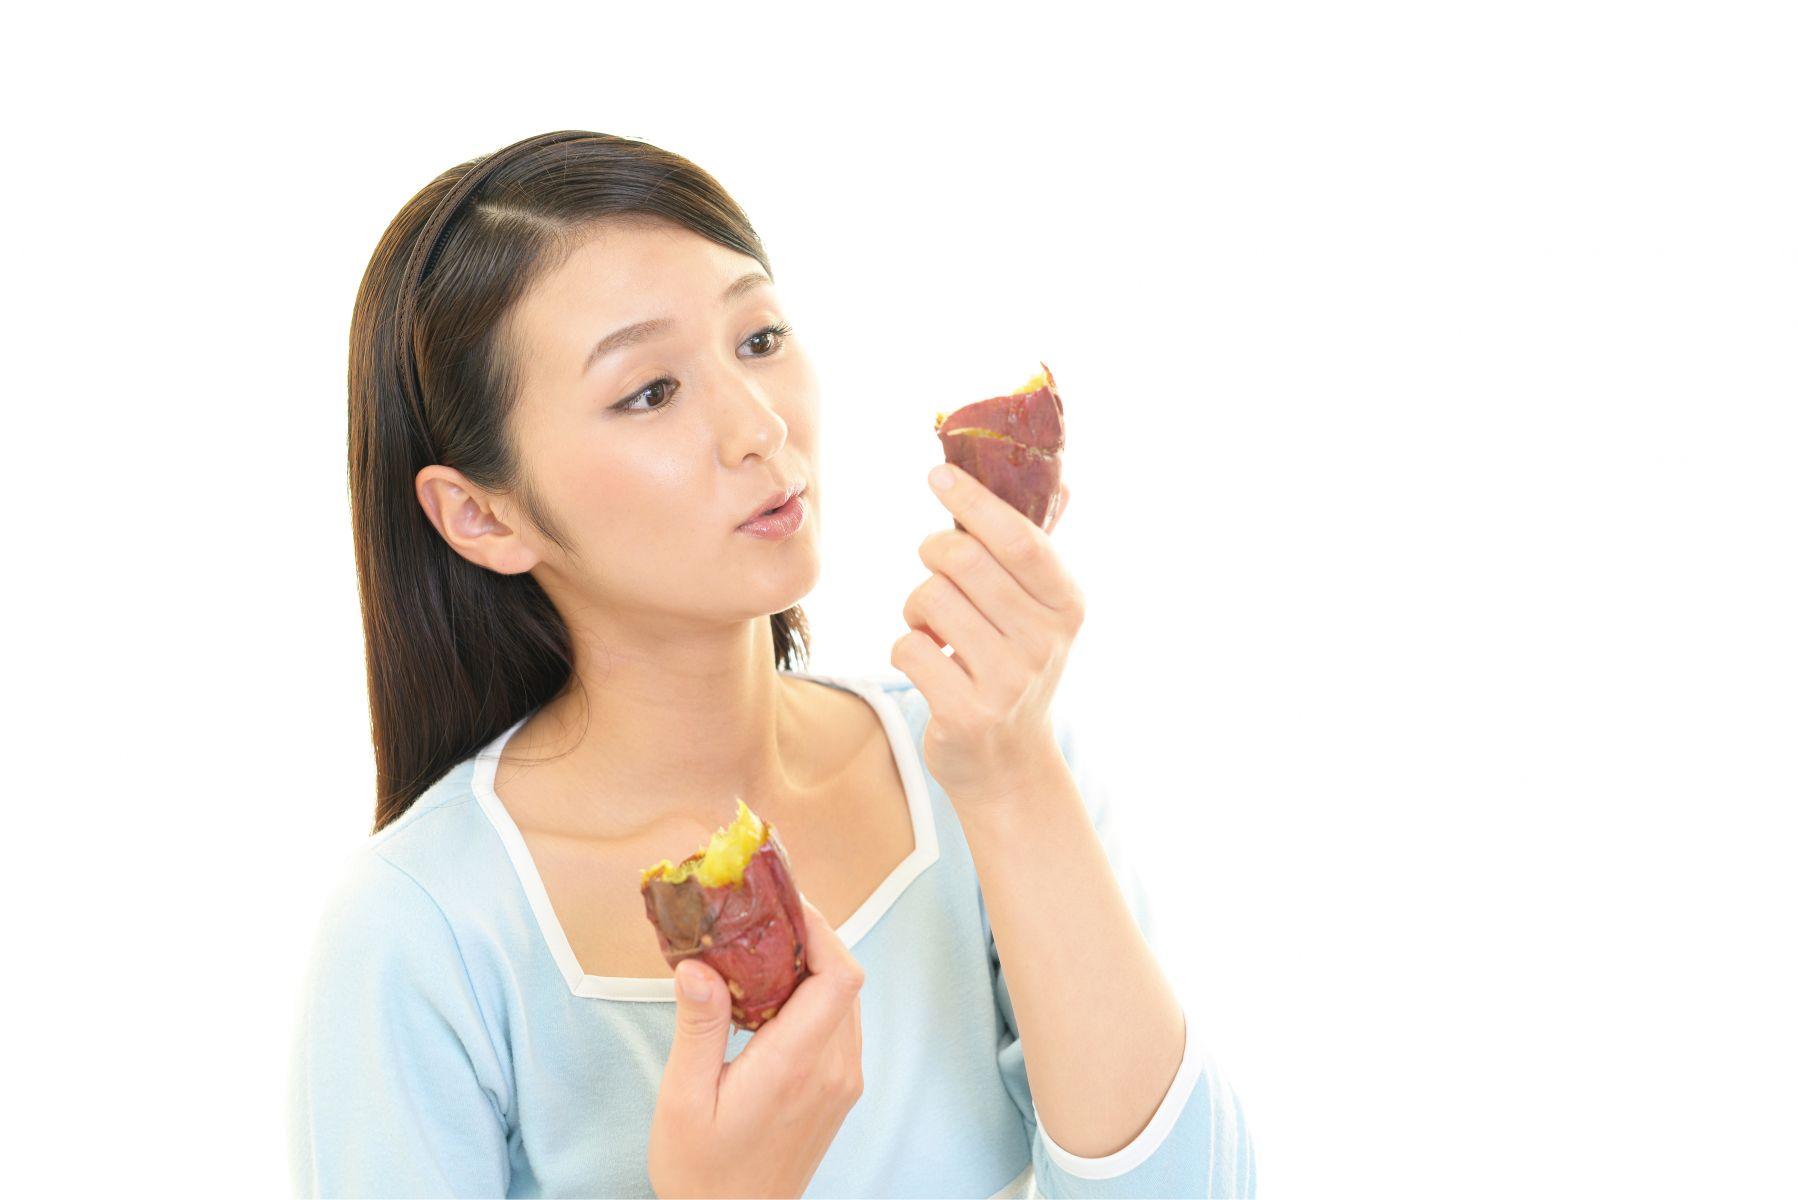 吃地瓜助瘦身!醫師2招教你這樣吃,熱量少一半,恢復健康身材